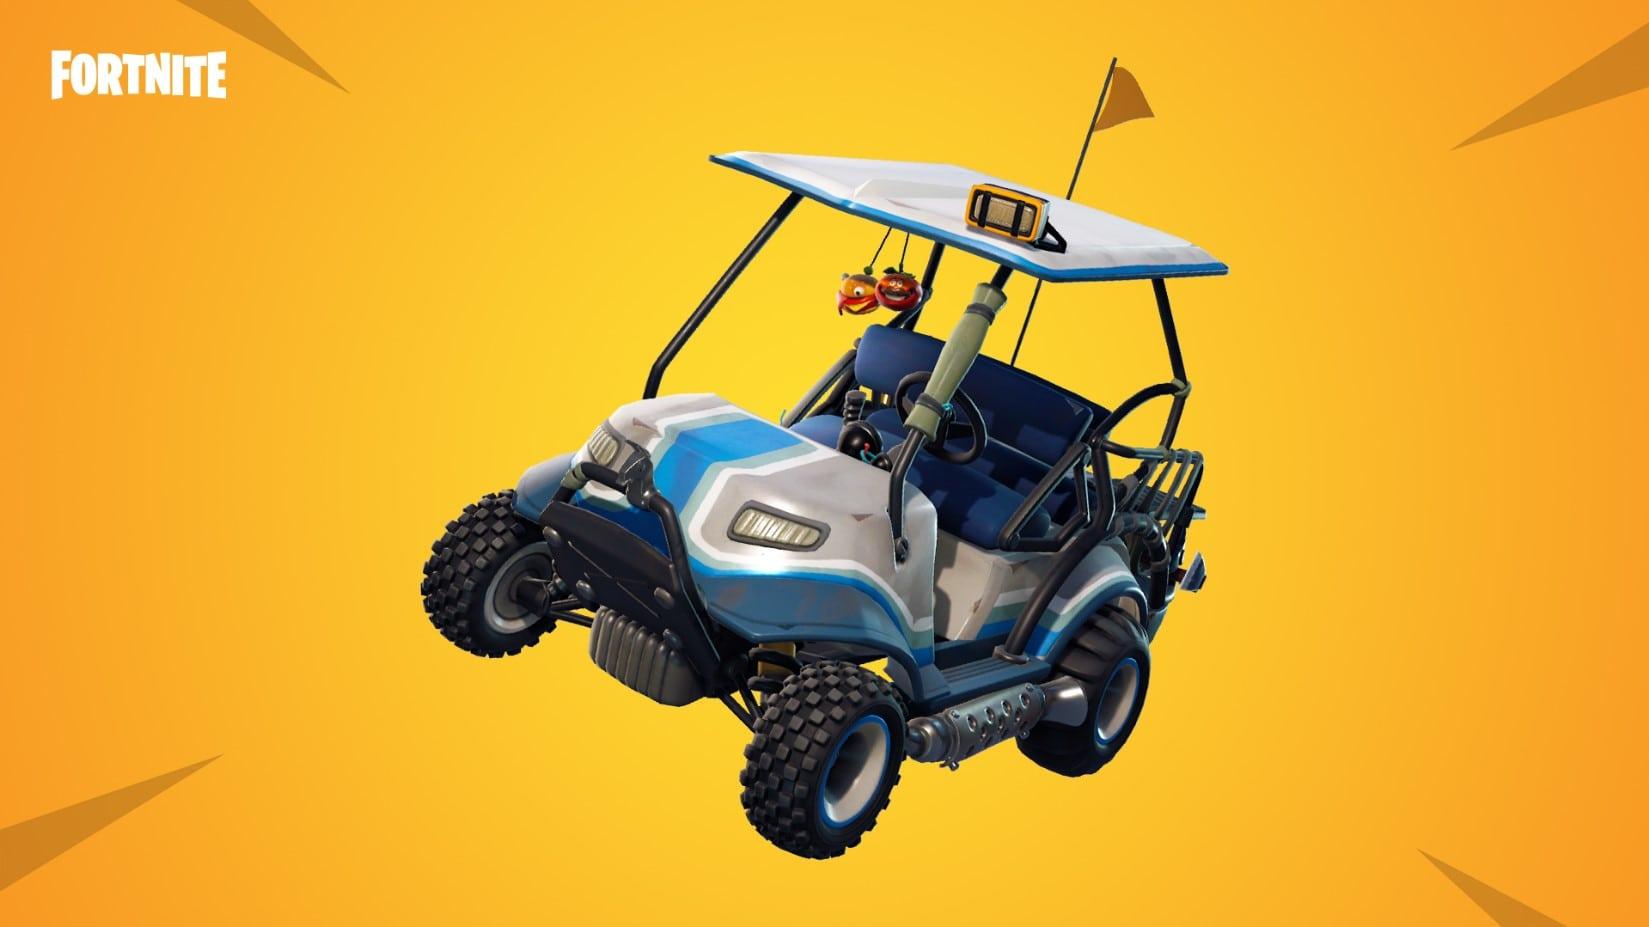 Fortnite Golf Carts